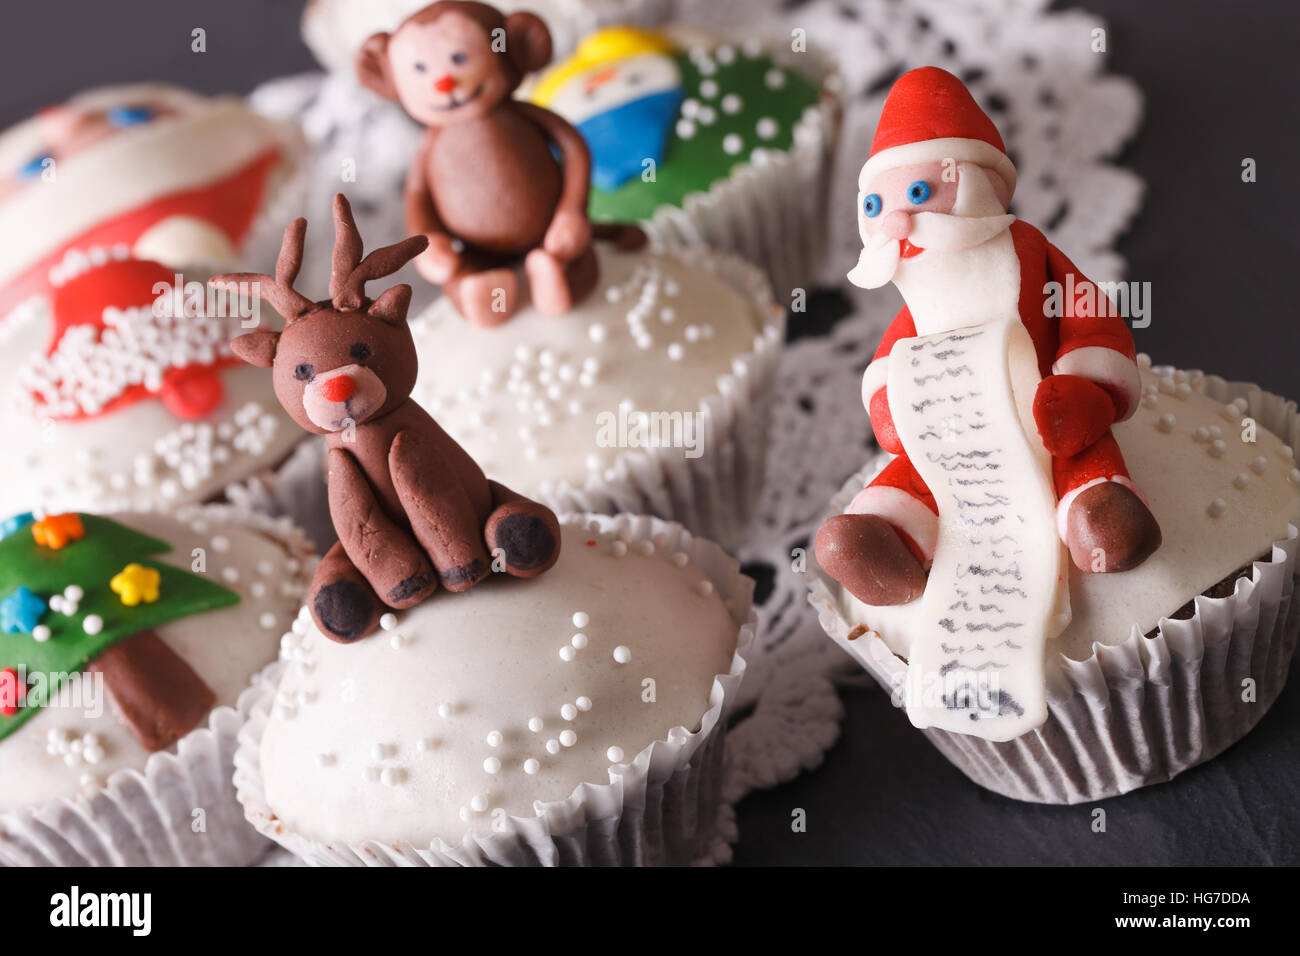 Christmas cupcakes: Santa and reindeer macro on the table. horizontal - Stock Image